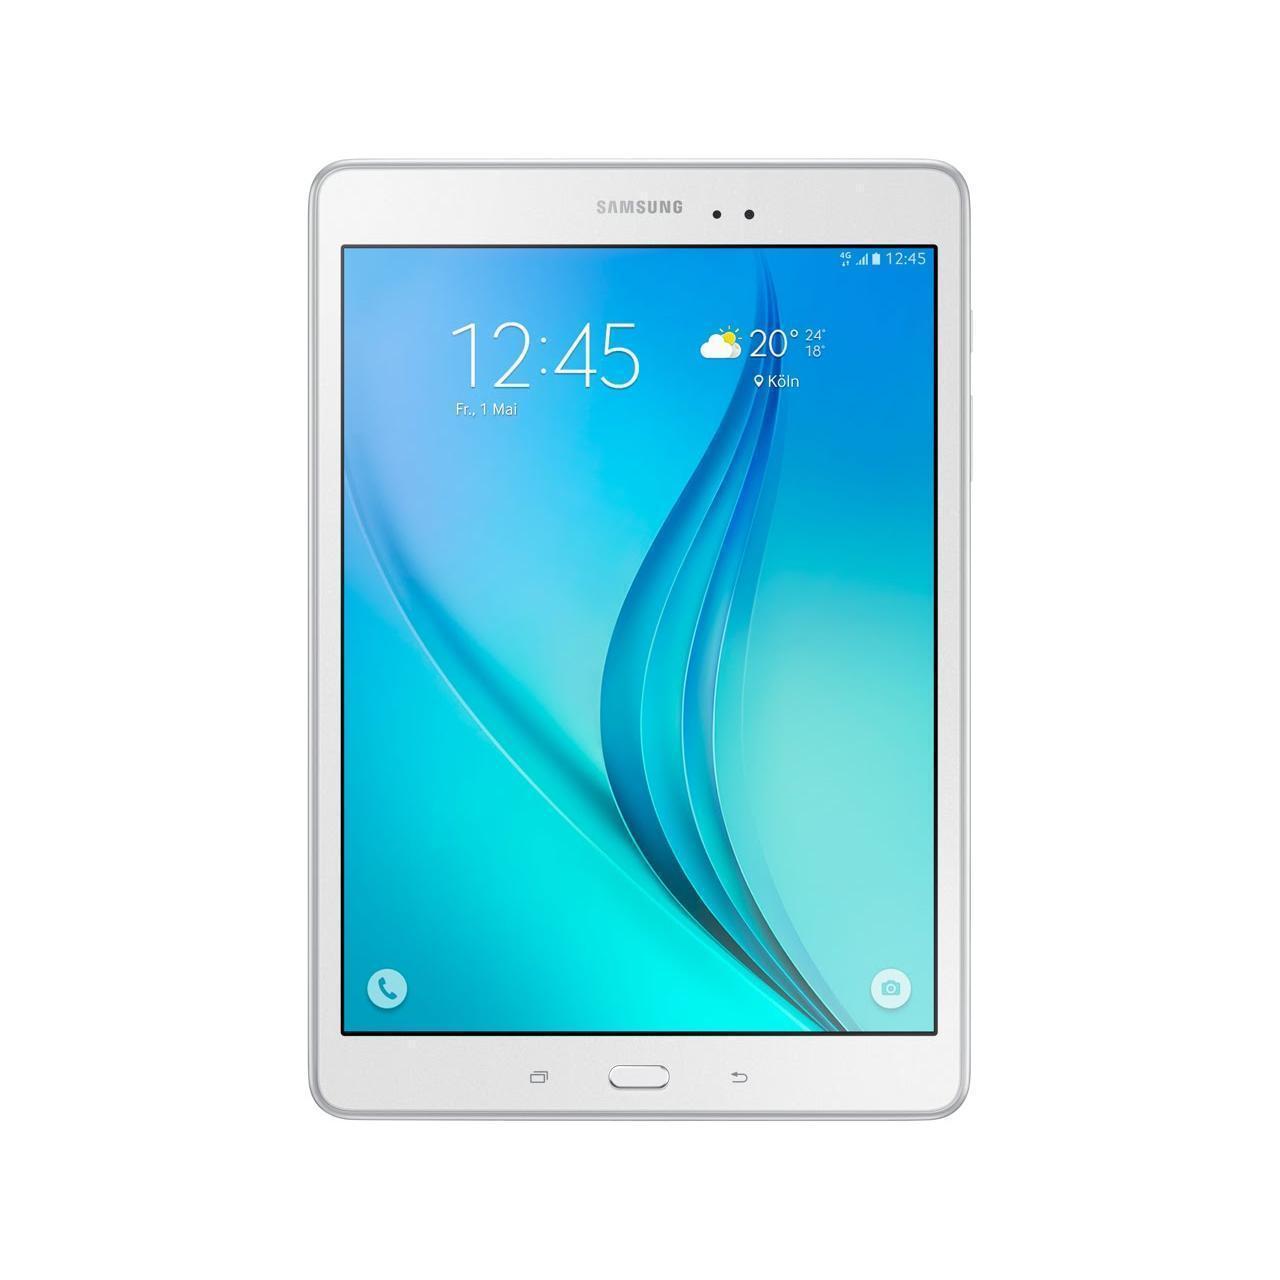 Samsung Galaxy Tab S2 8.0 32 Go Blanc